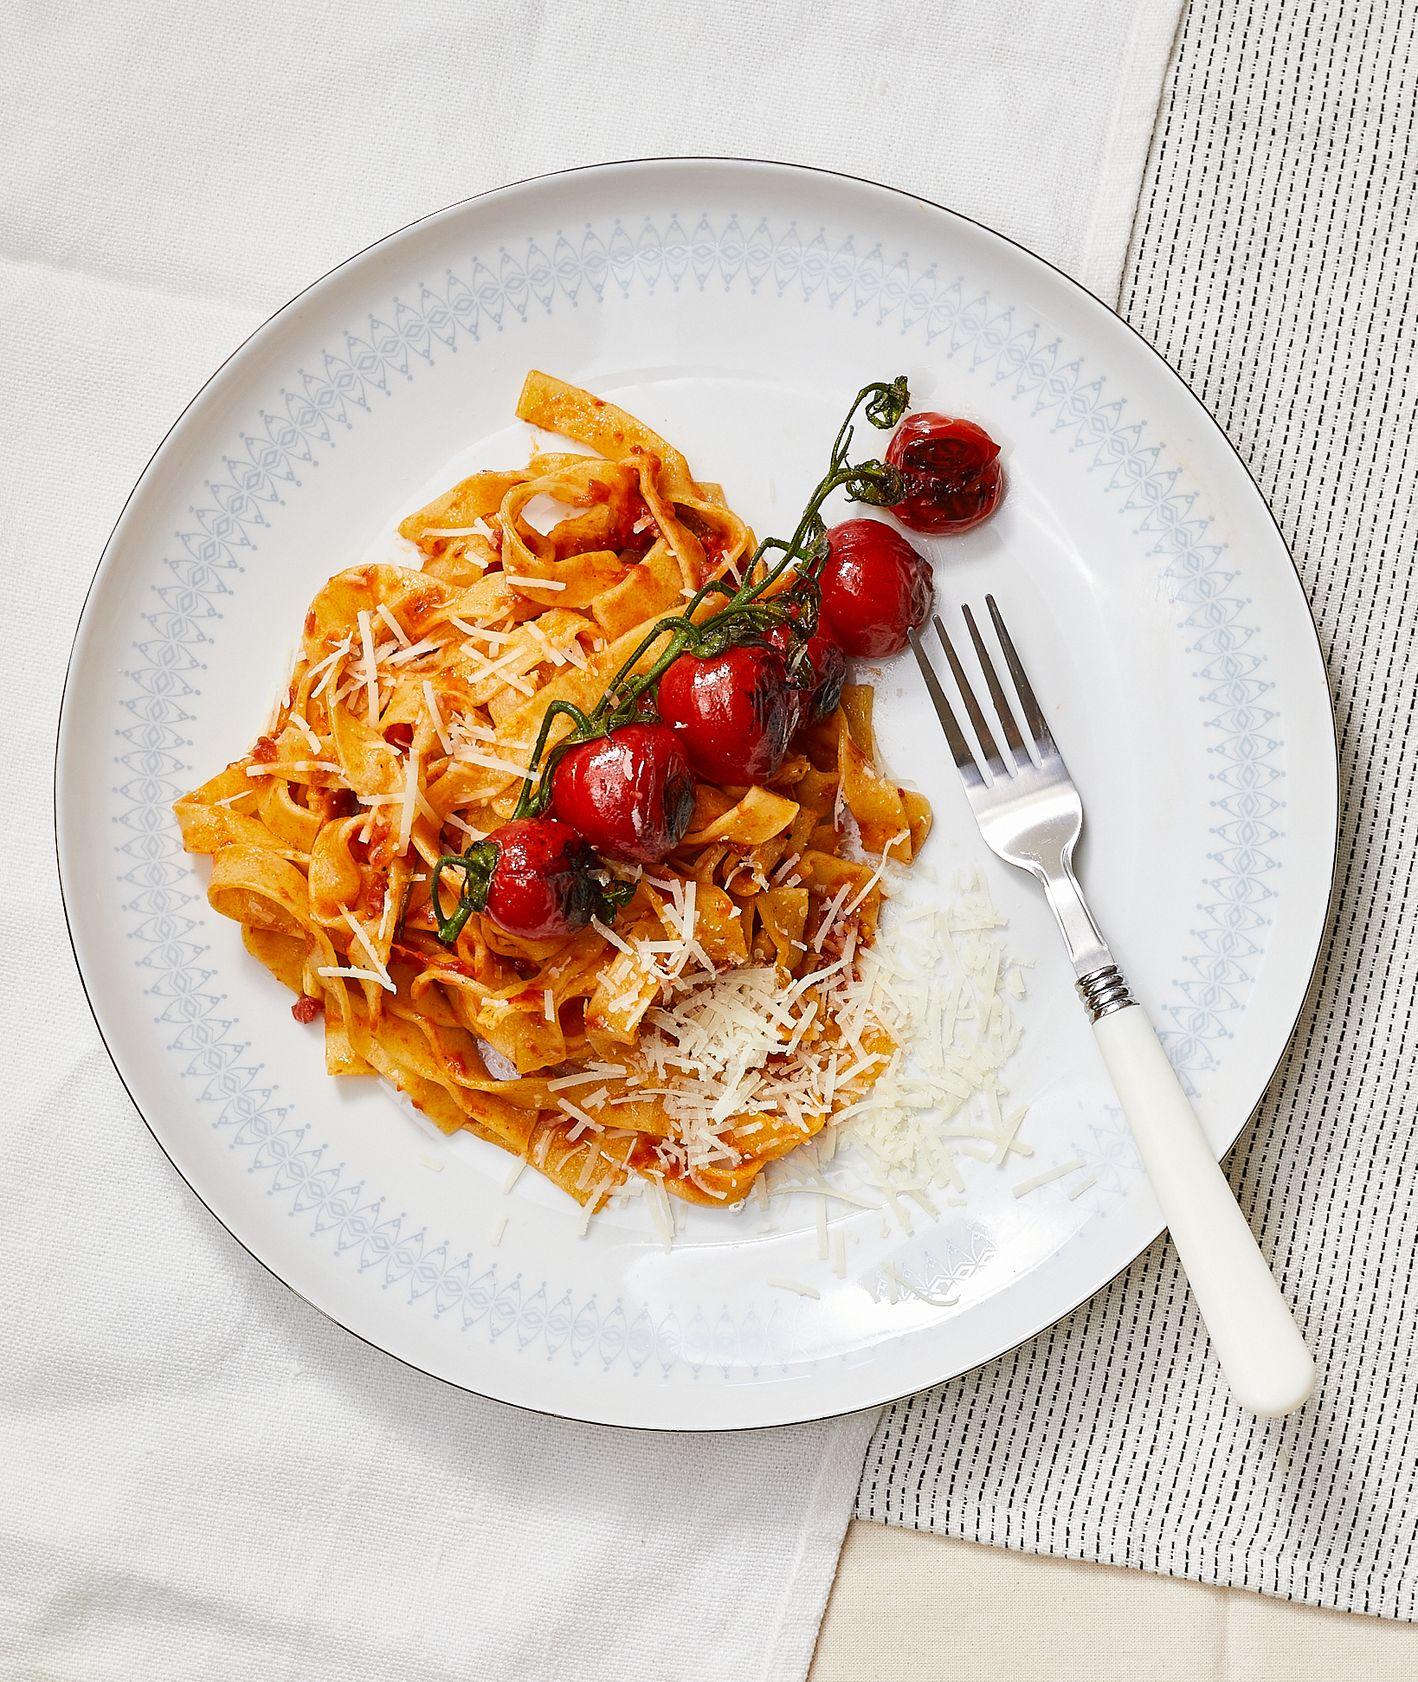 Przepis na pyszny makaron z pieczonymi pomidorami (fot. Maciek Niemojewski)